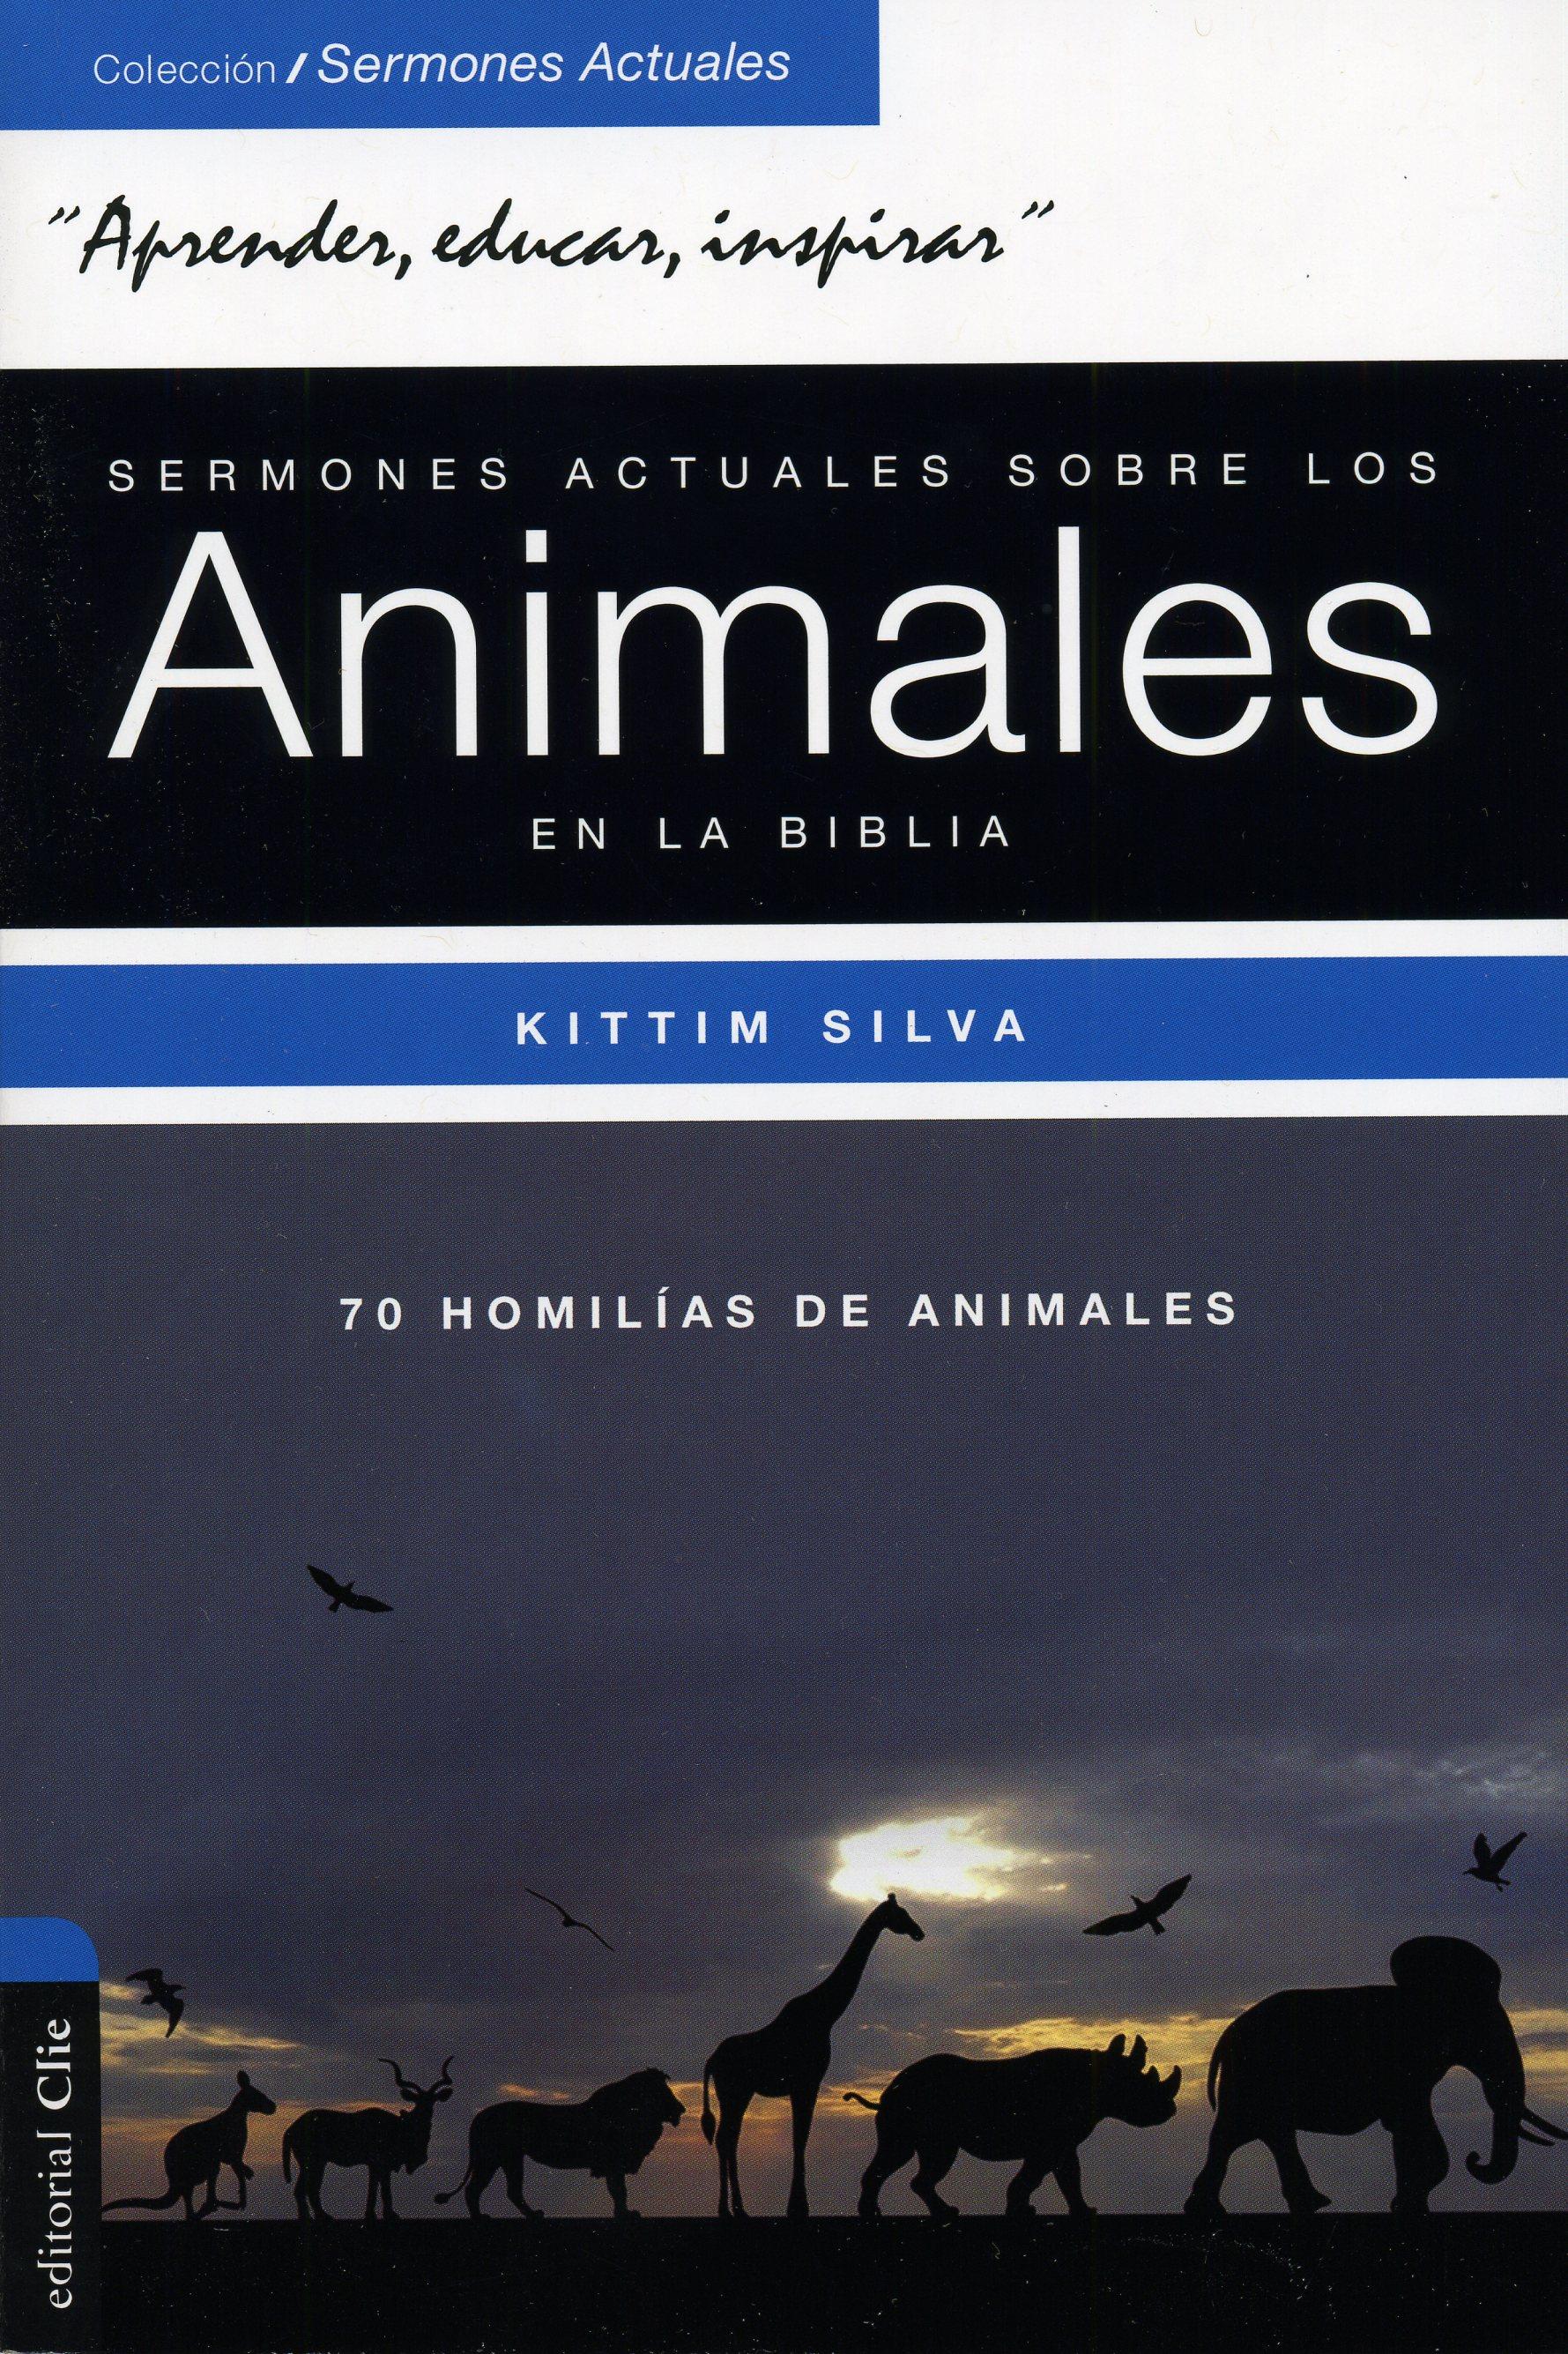 Sermones Actuales Sobre los Animales